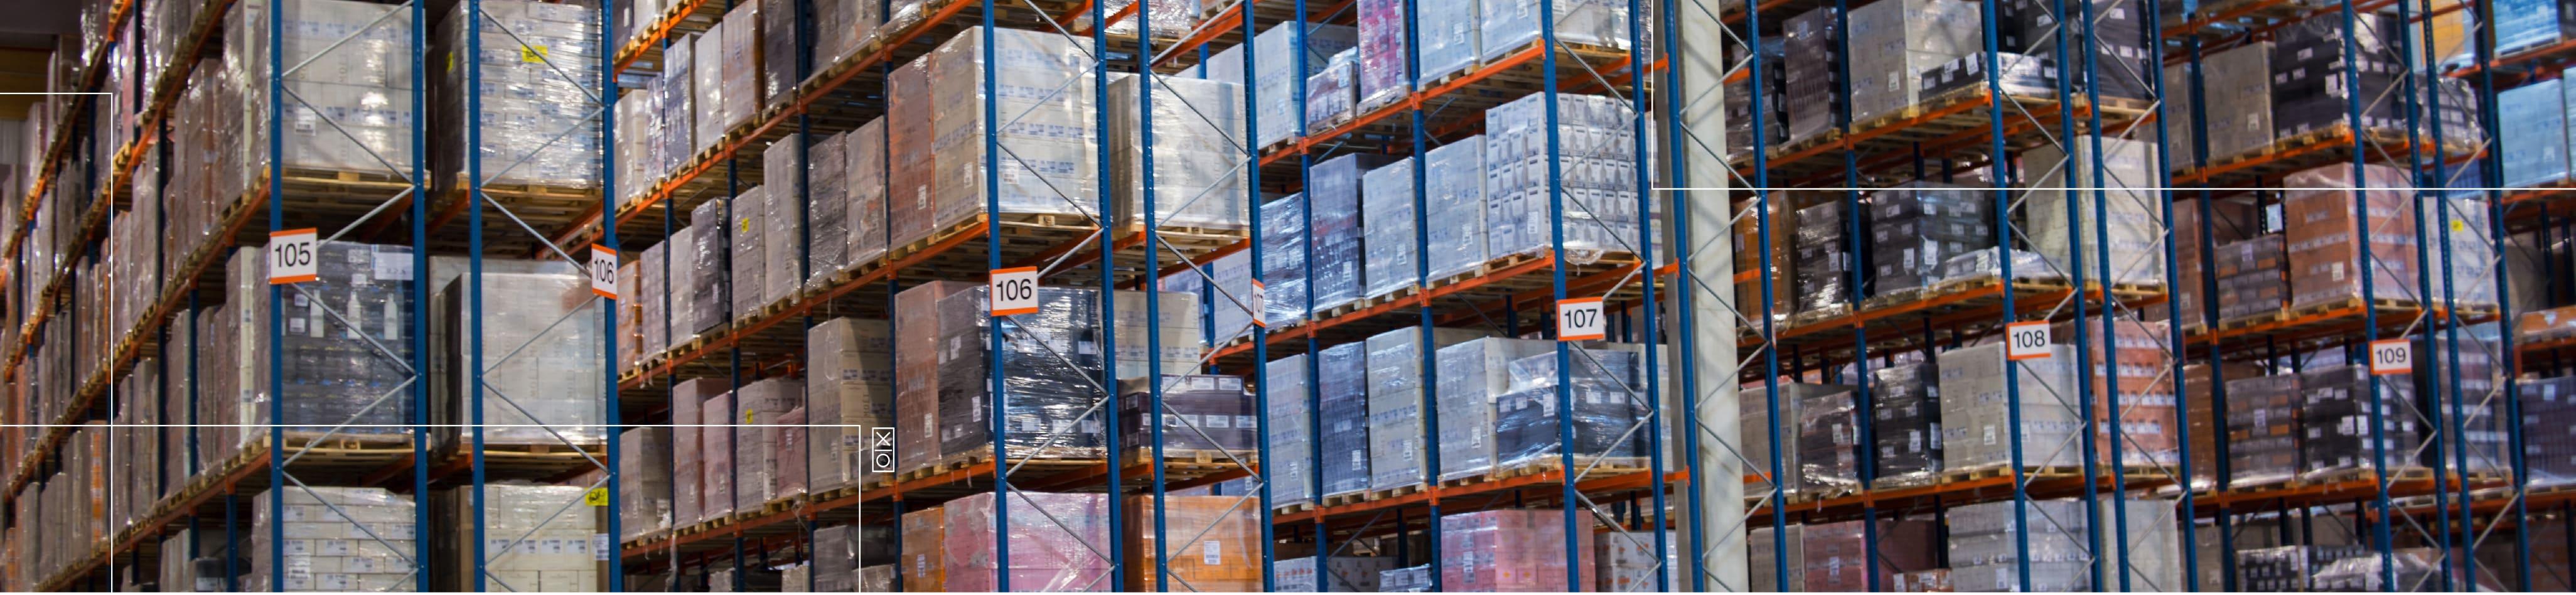 Prestataire-logistique-e-commerce